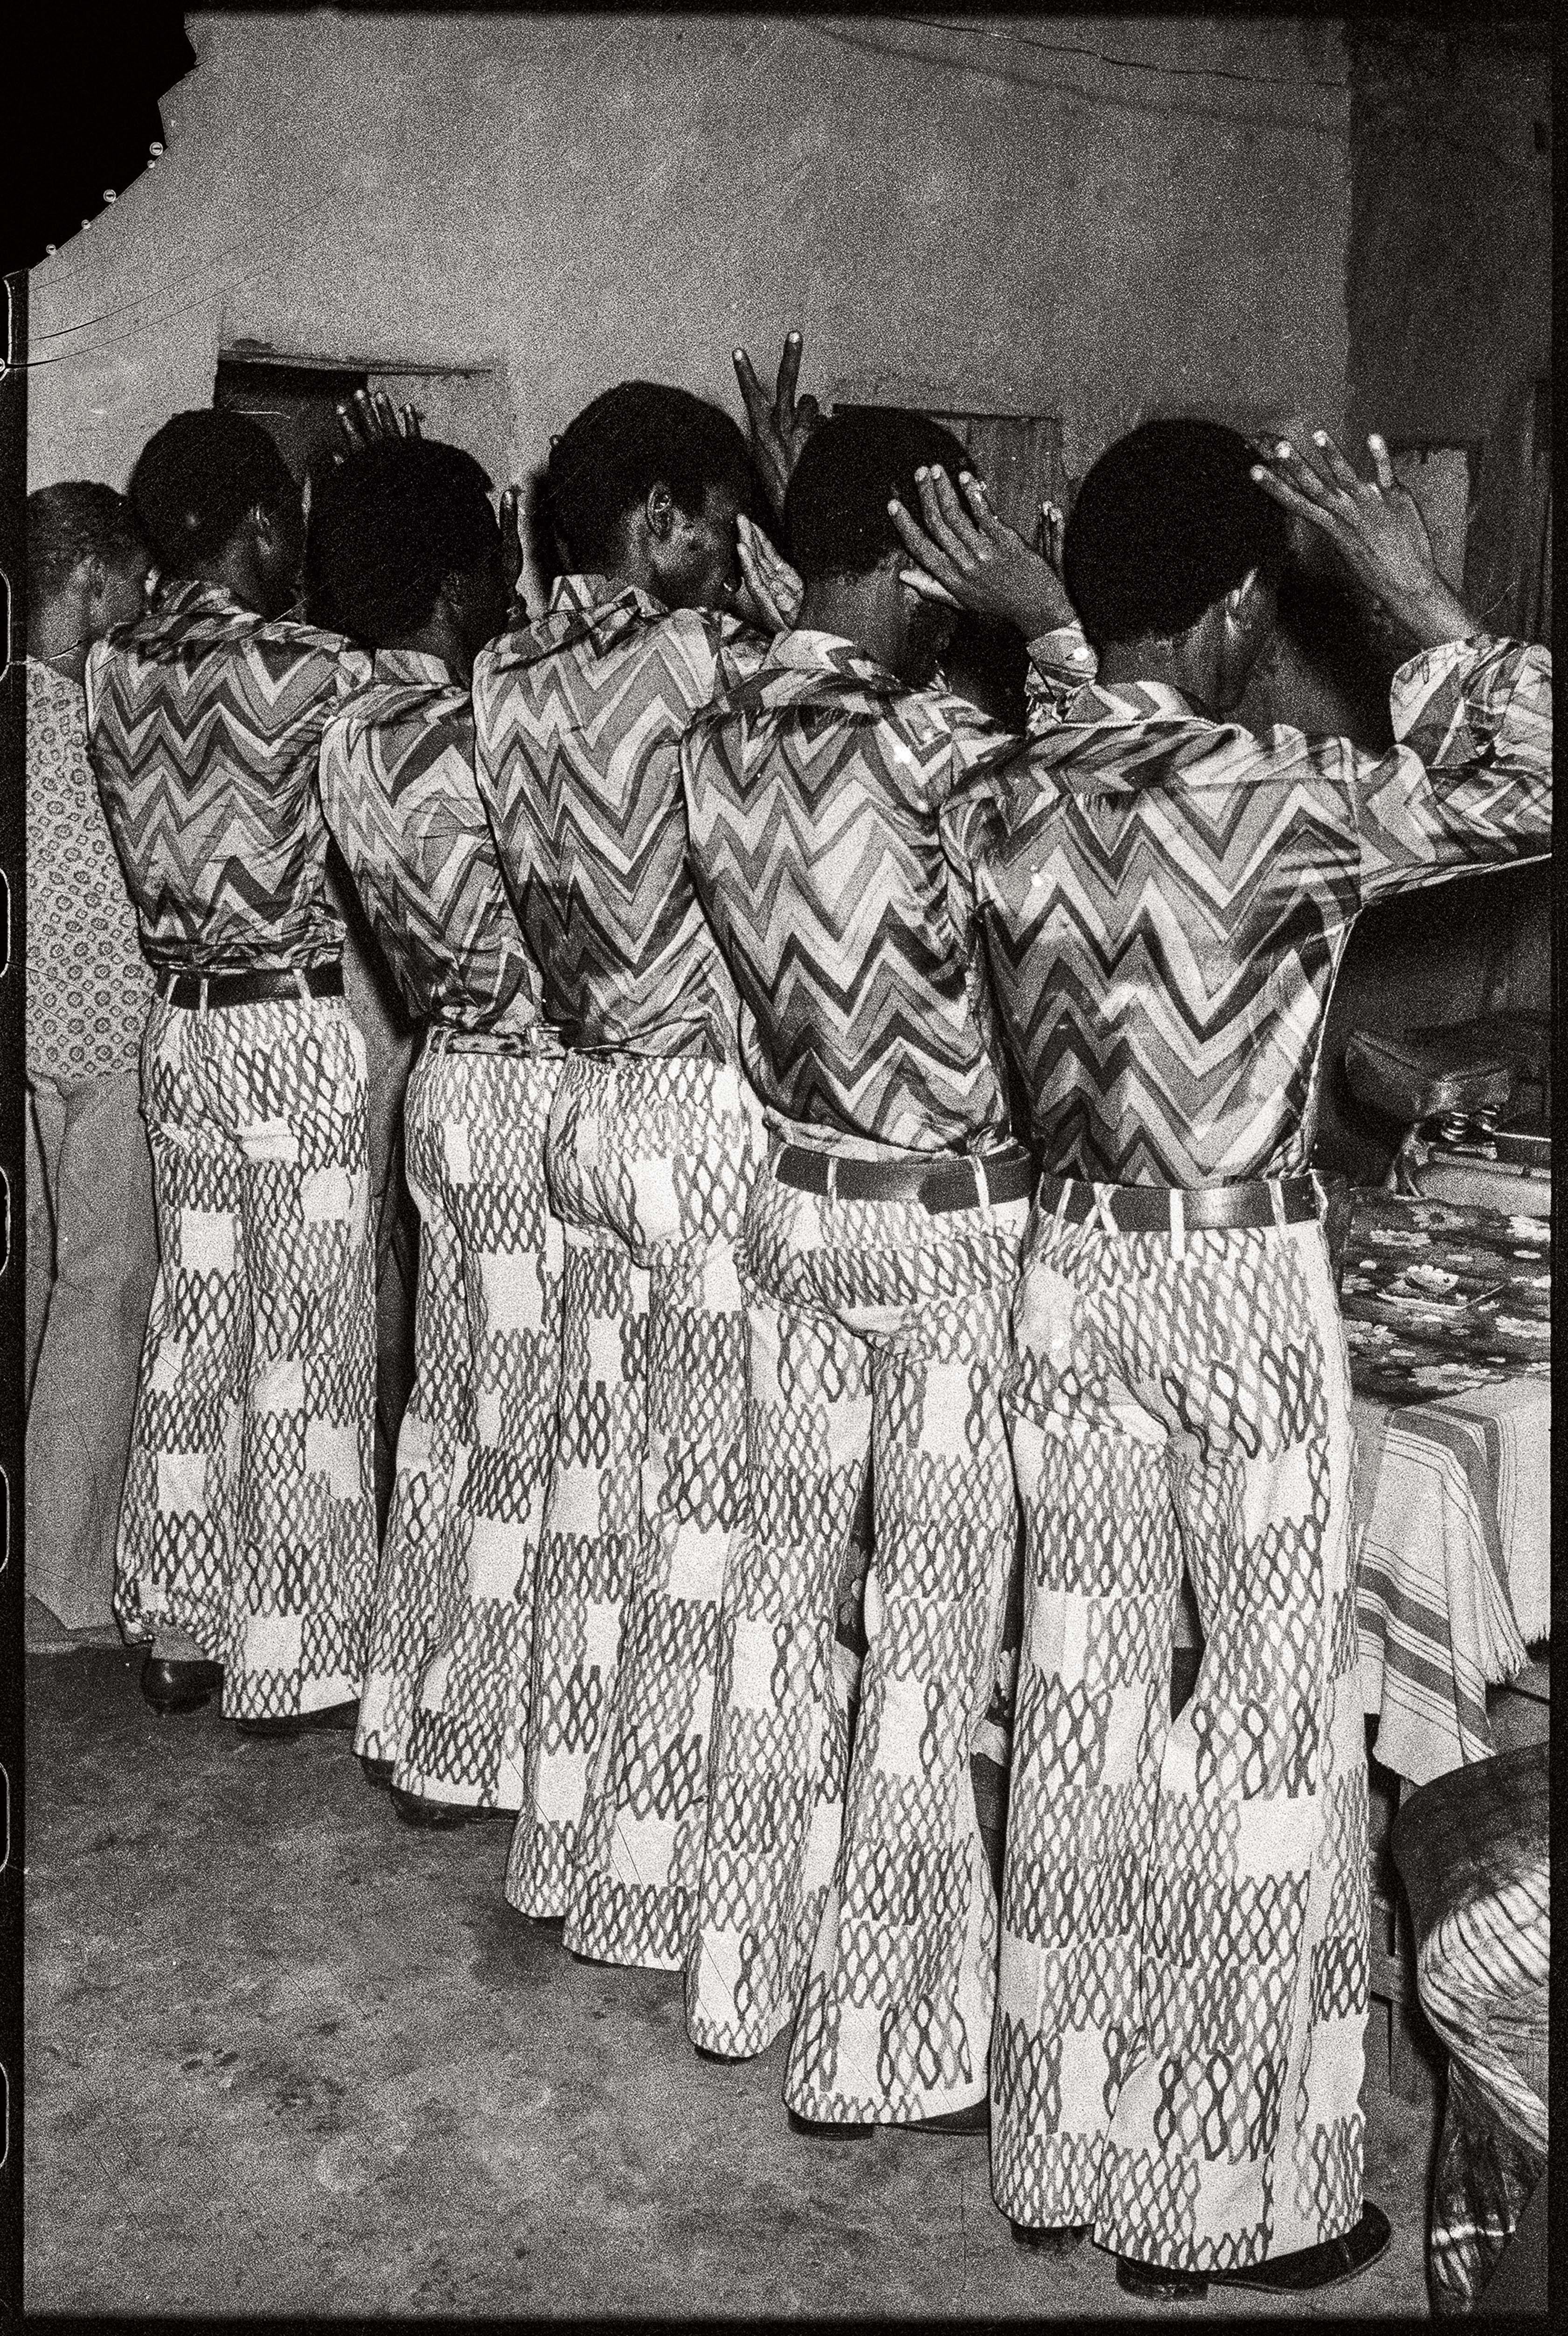 Malick Sidibé Les amis dans la même tenue, 1972 Tirage gélatino-argentique 50,5 x 40,5 cm Courtesy Galerie MAGNIN-A, Paris © Malick Sidibé